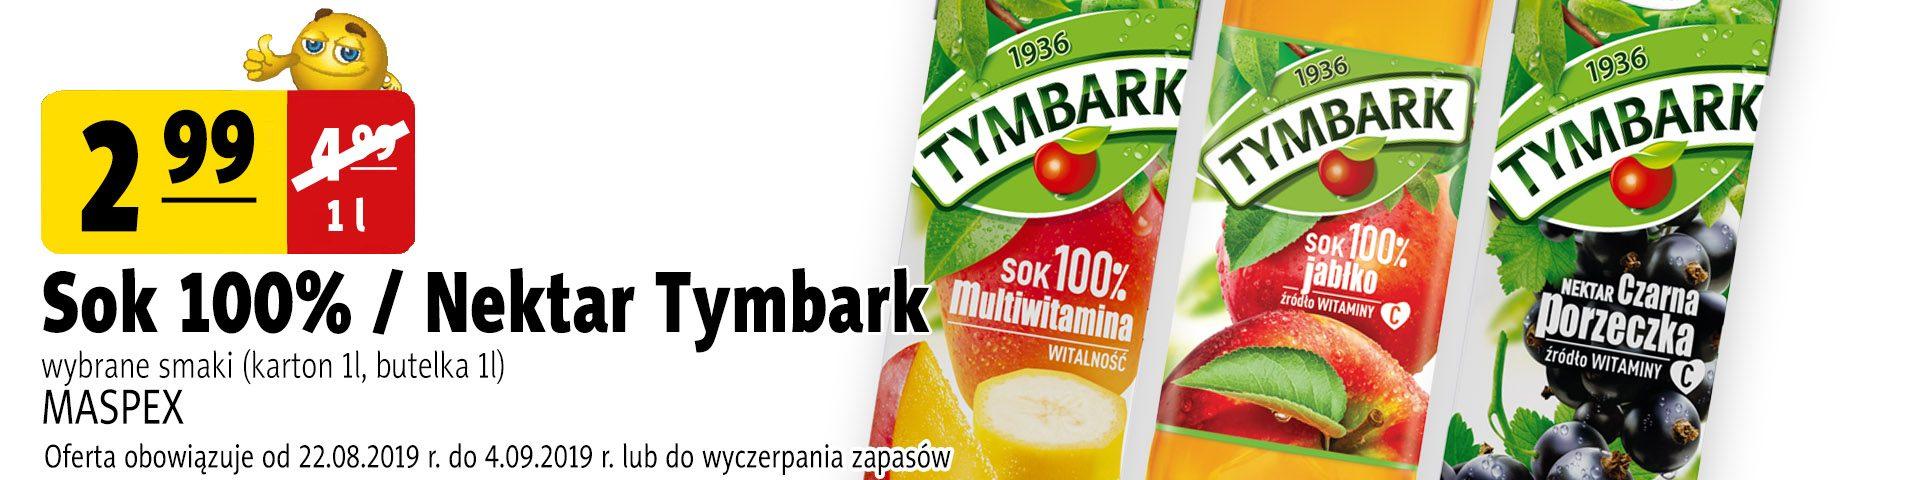 22.08-4.09_tymbark nektar slider